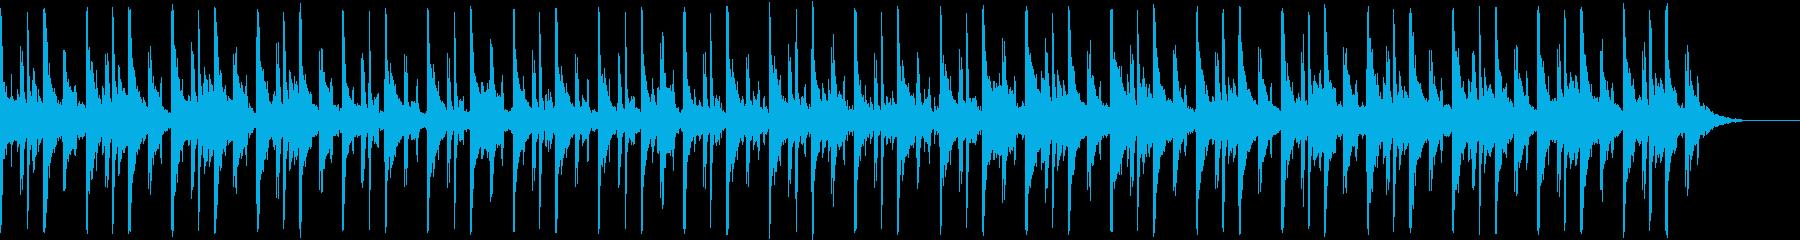 チルアウト、ローファイヒップホップの再生済みの波形